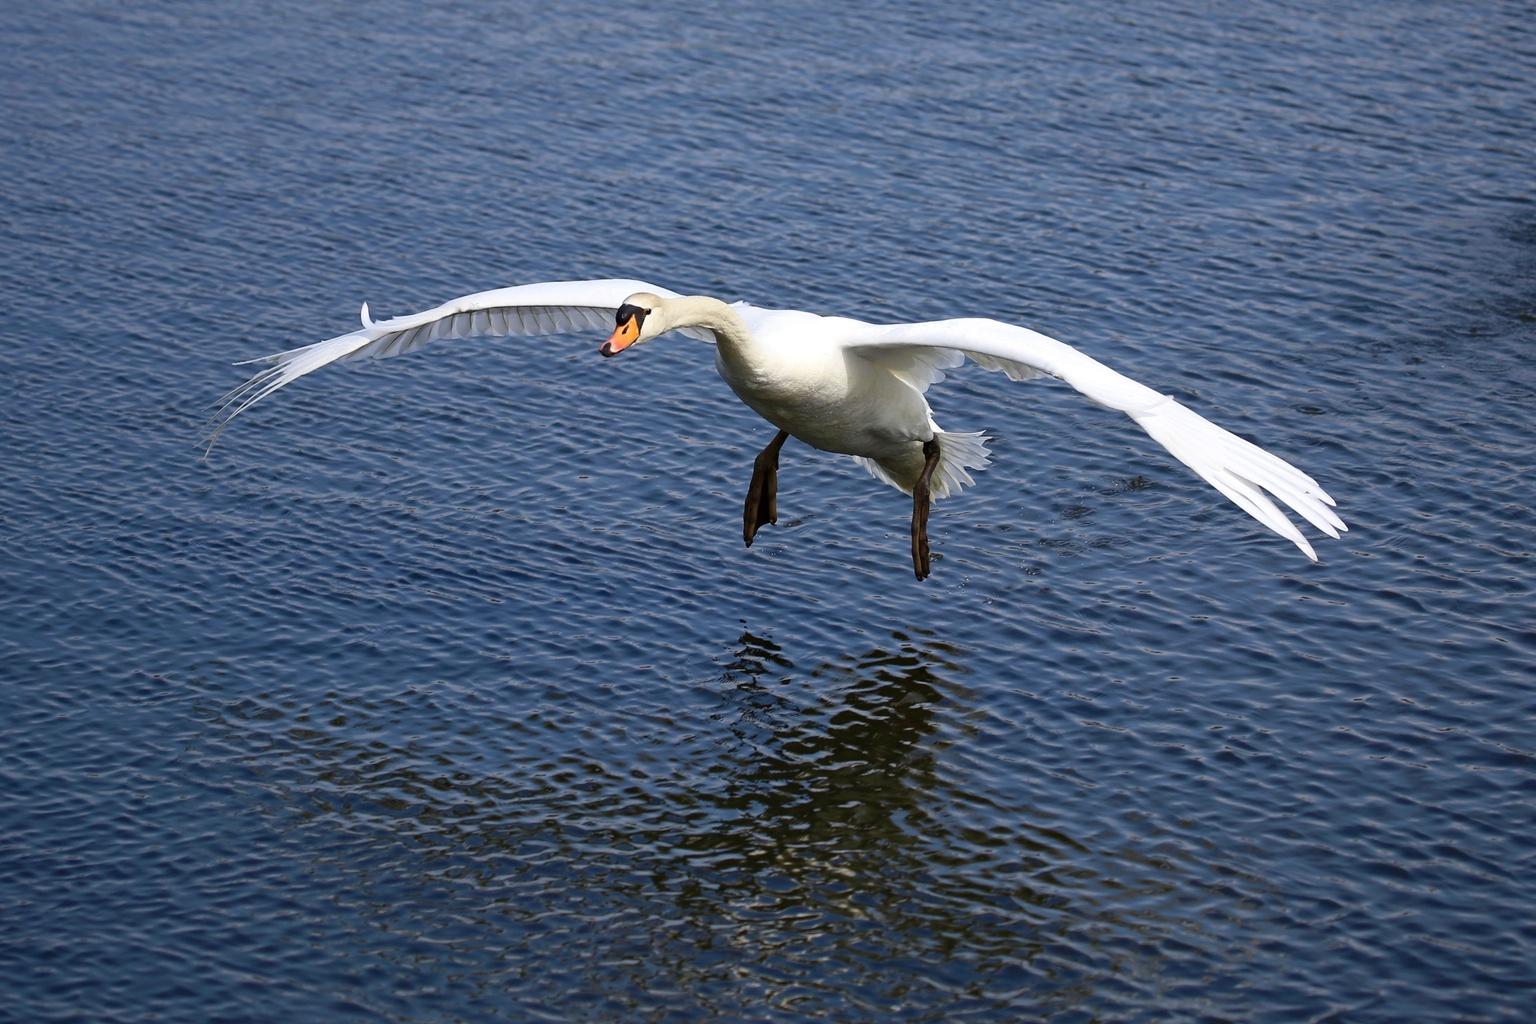 Zwaan gaat landen - Foto gemaakt vanaf een bruggetje - foto door Ebben op 16-04-2021 - deze foto bevat: water, vogel, gewervelde, bek, meer, menselijk lichaam, vloeistof, veer, toendra zwaan, eenden, ganzen en zwanen